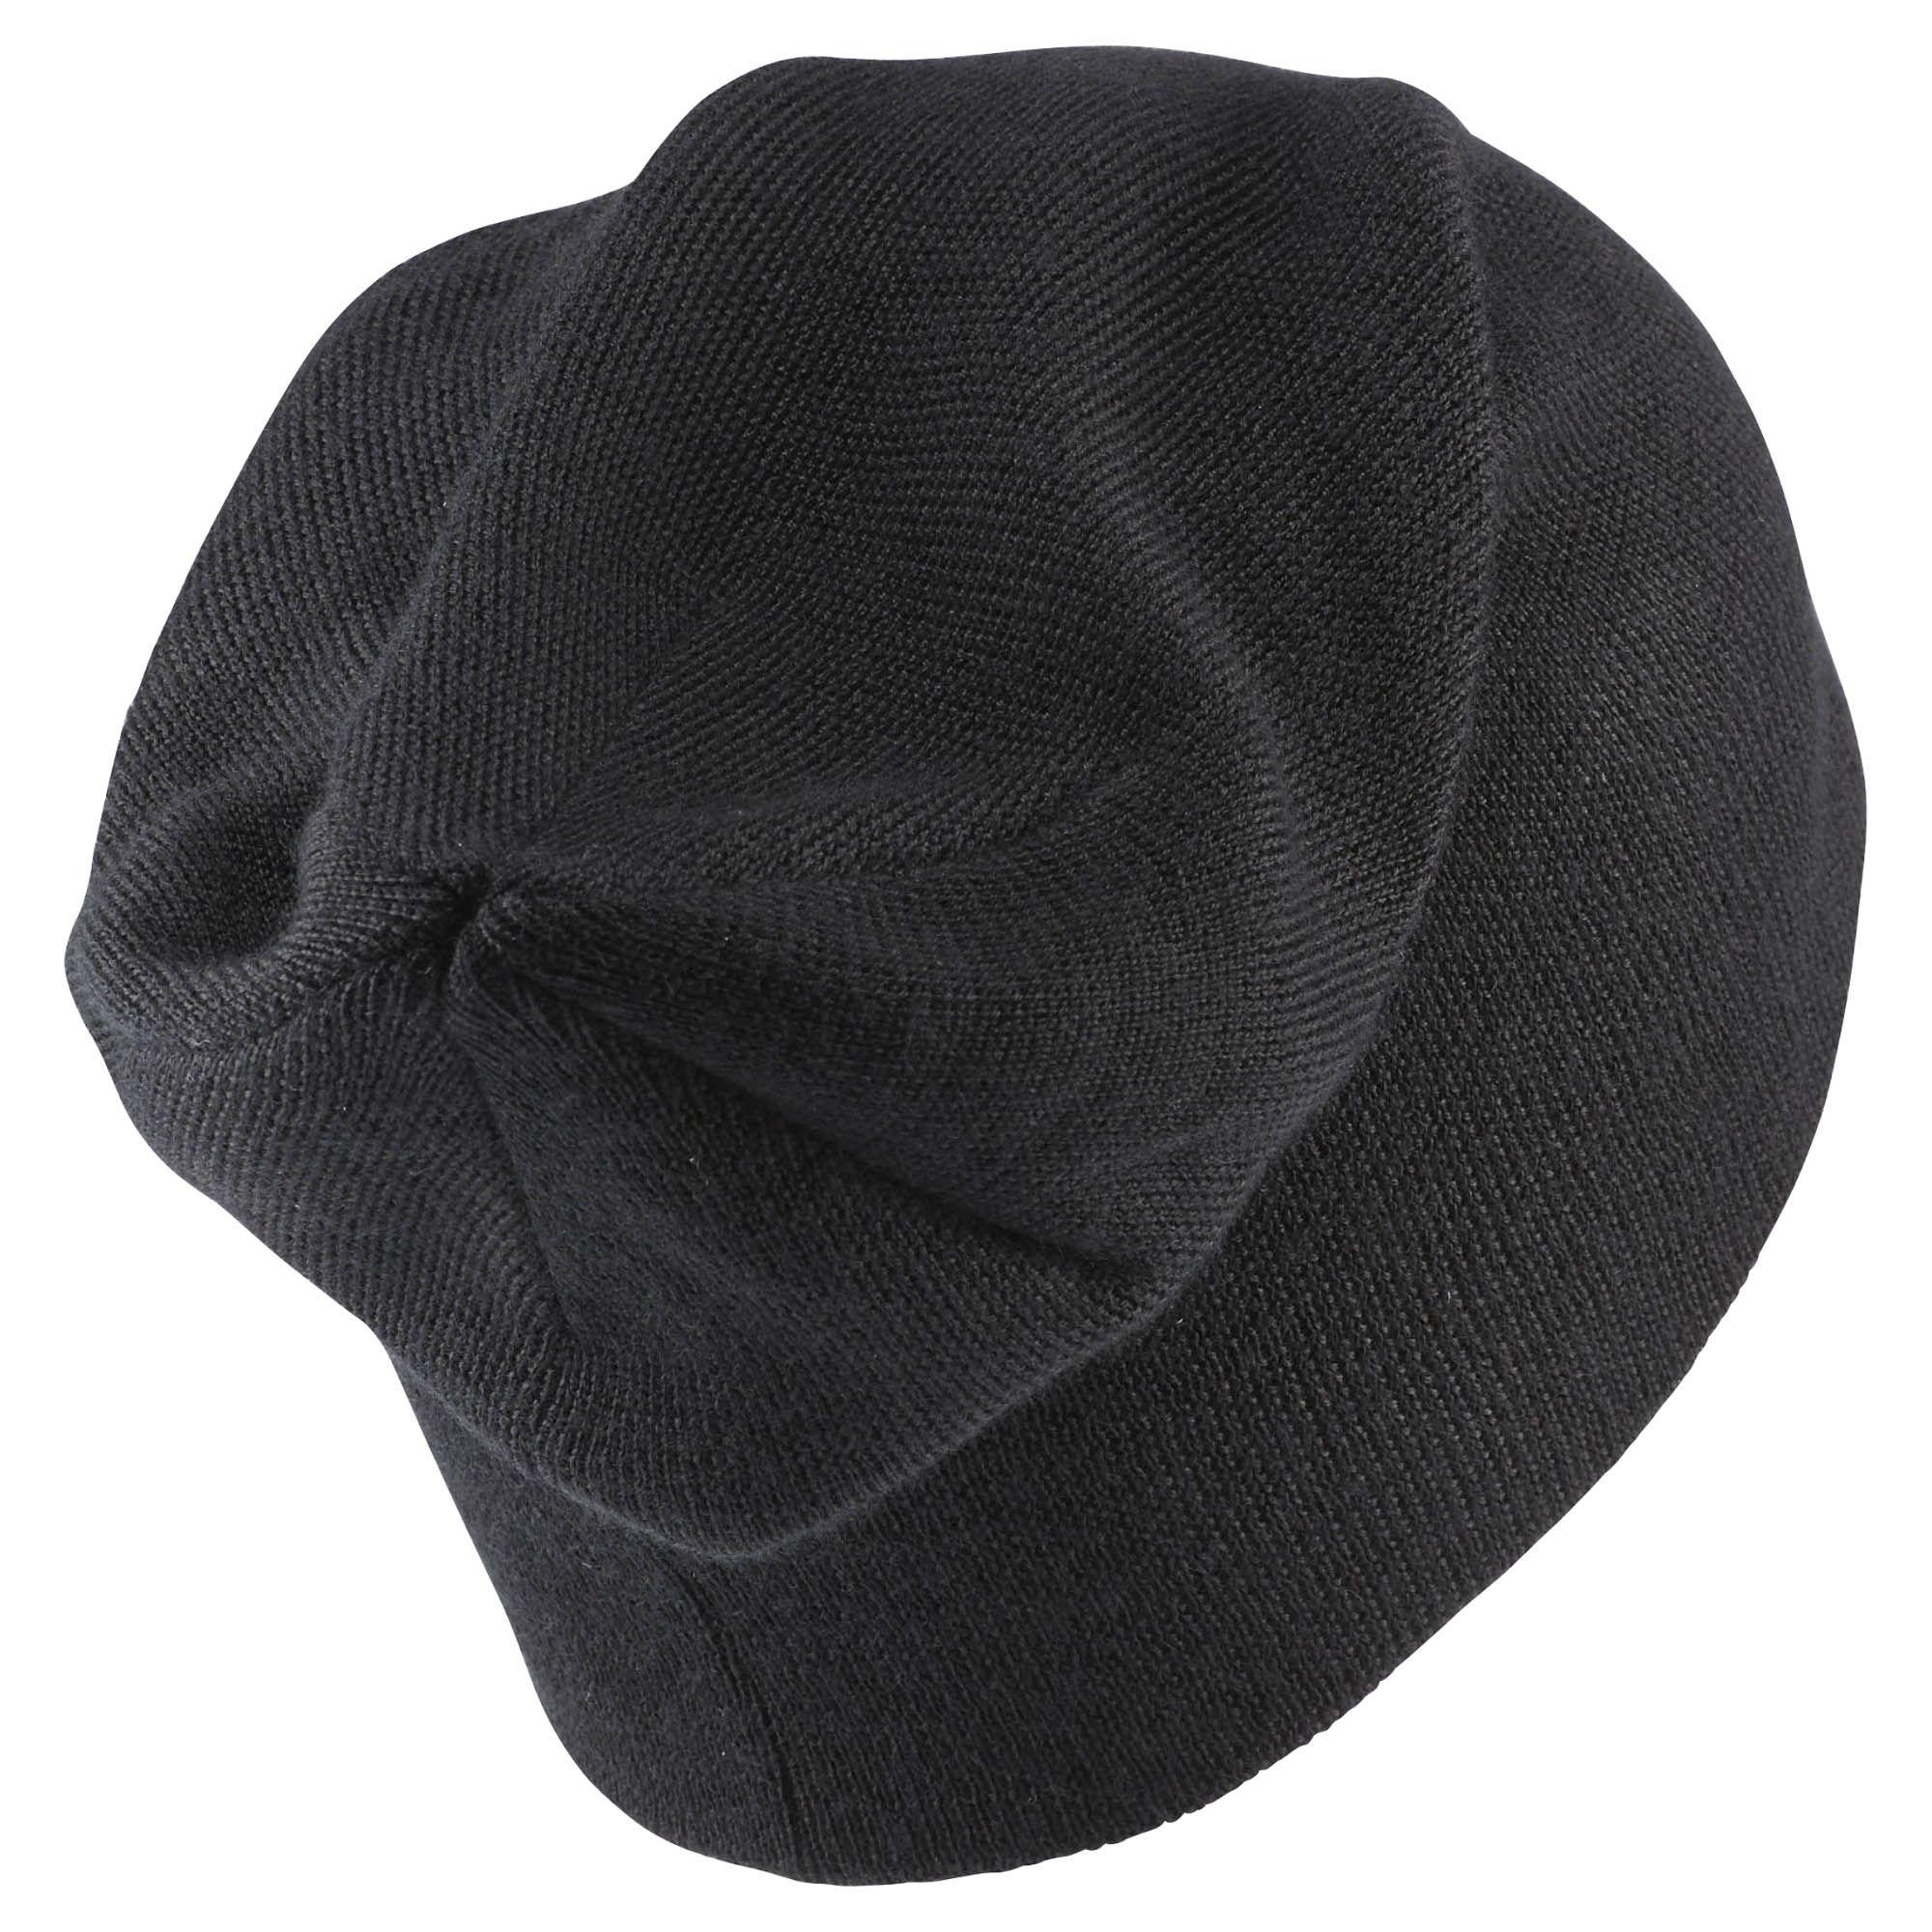 Шапка Reebok Classics Foundation Beanie, цвет: черный. AX9977. Размер 58/60AX9977Стильная шапка Reebok Classics Foundation Beanie выполнена из акрила с добавлением шерсти и с подкладкой из натурального хлопка.Шапка оформлена небольшой вышивкой с фирменным логотипом.Уважаемые клиенты!Размер, доступный для заказа, является обхватом головы.